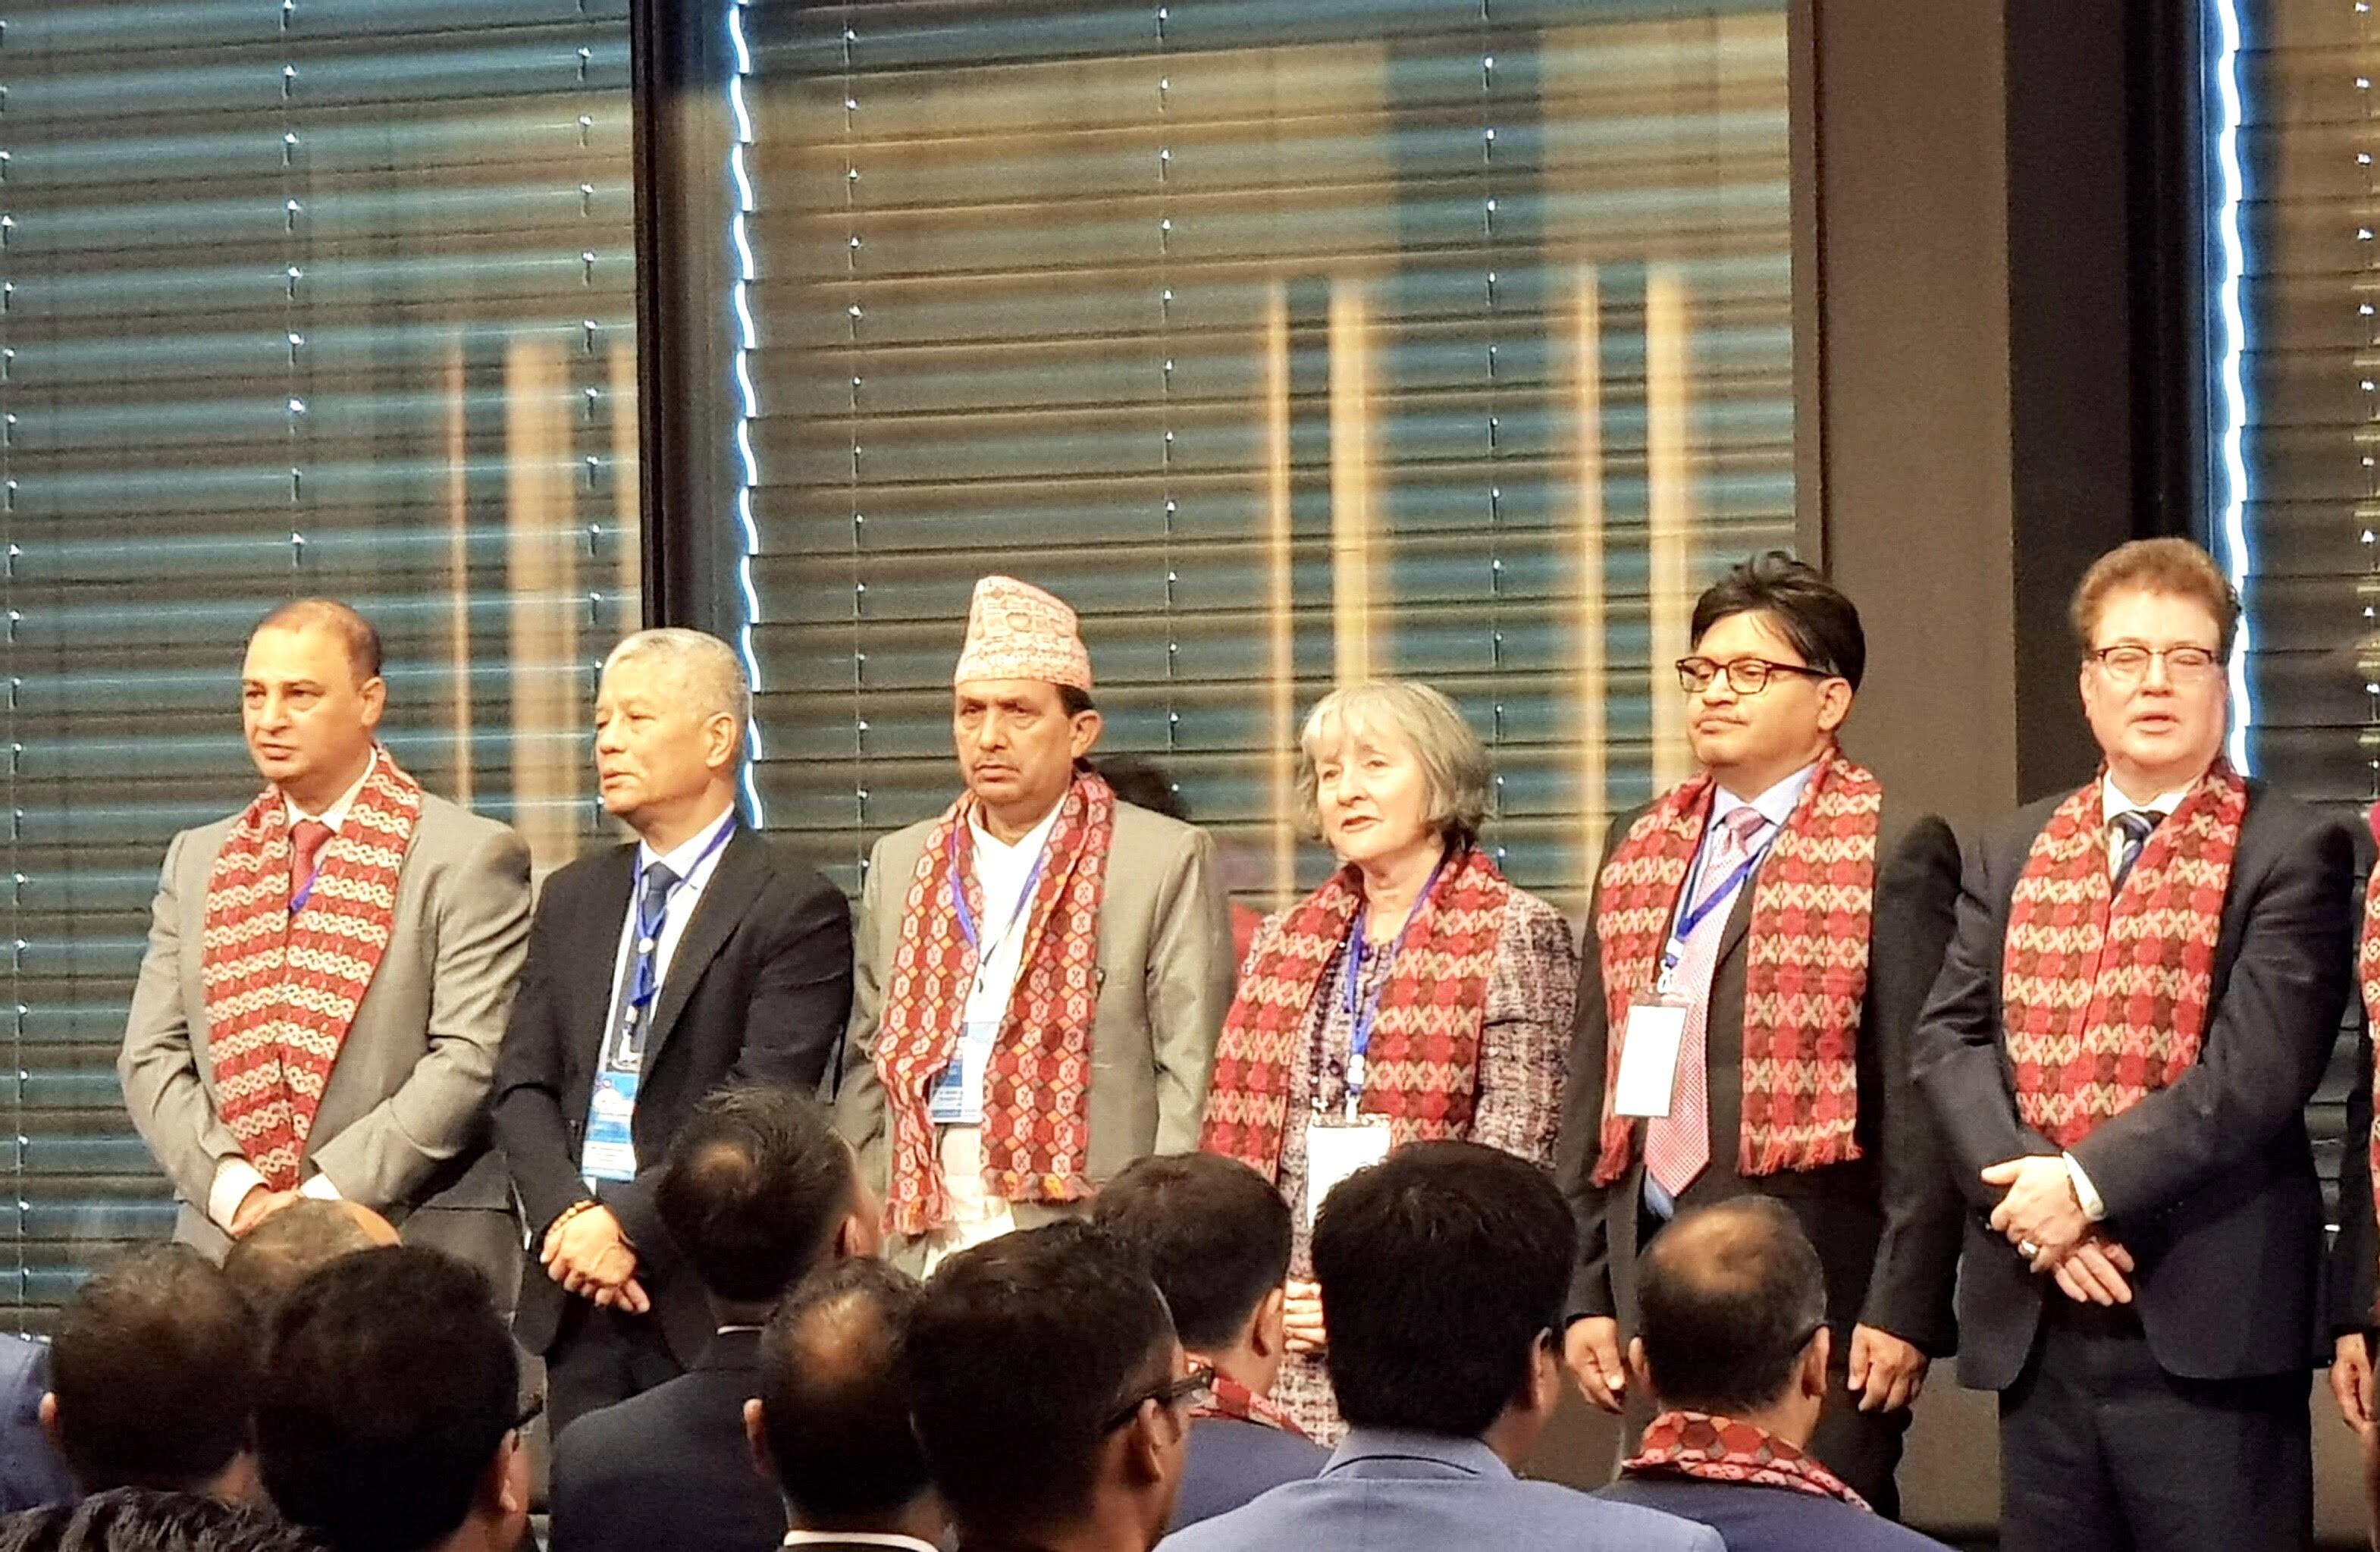 एनआरएनए ओशिनिया क्षेत्रीय सम्मेलन सम्पन्न, नौं बूँदे सिड्नी घोषणापत्र जारी (पूर्ण पाठसहित)